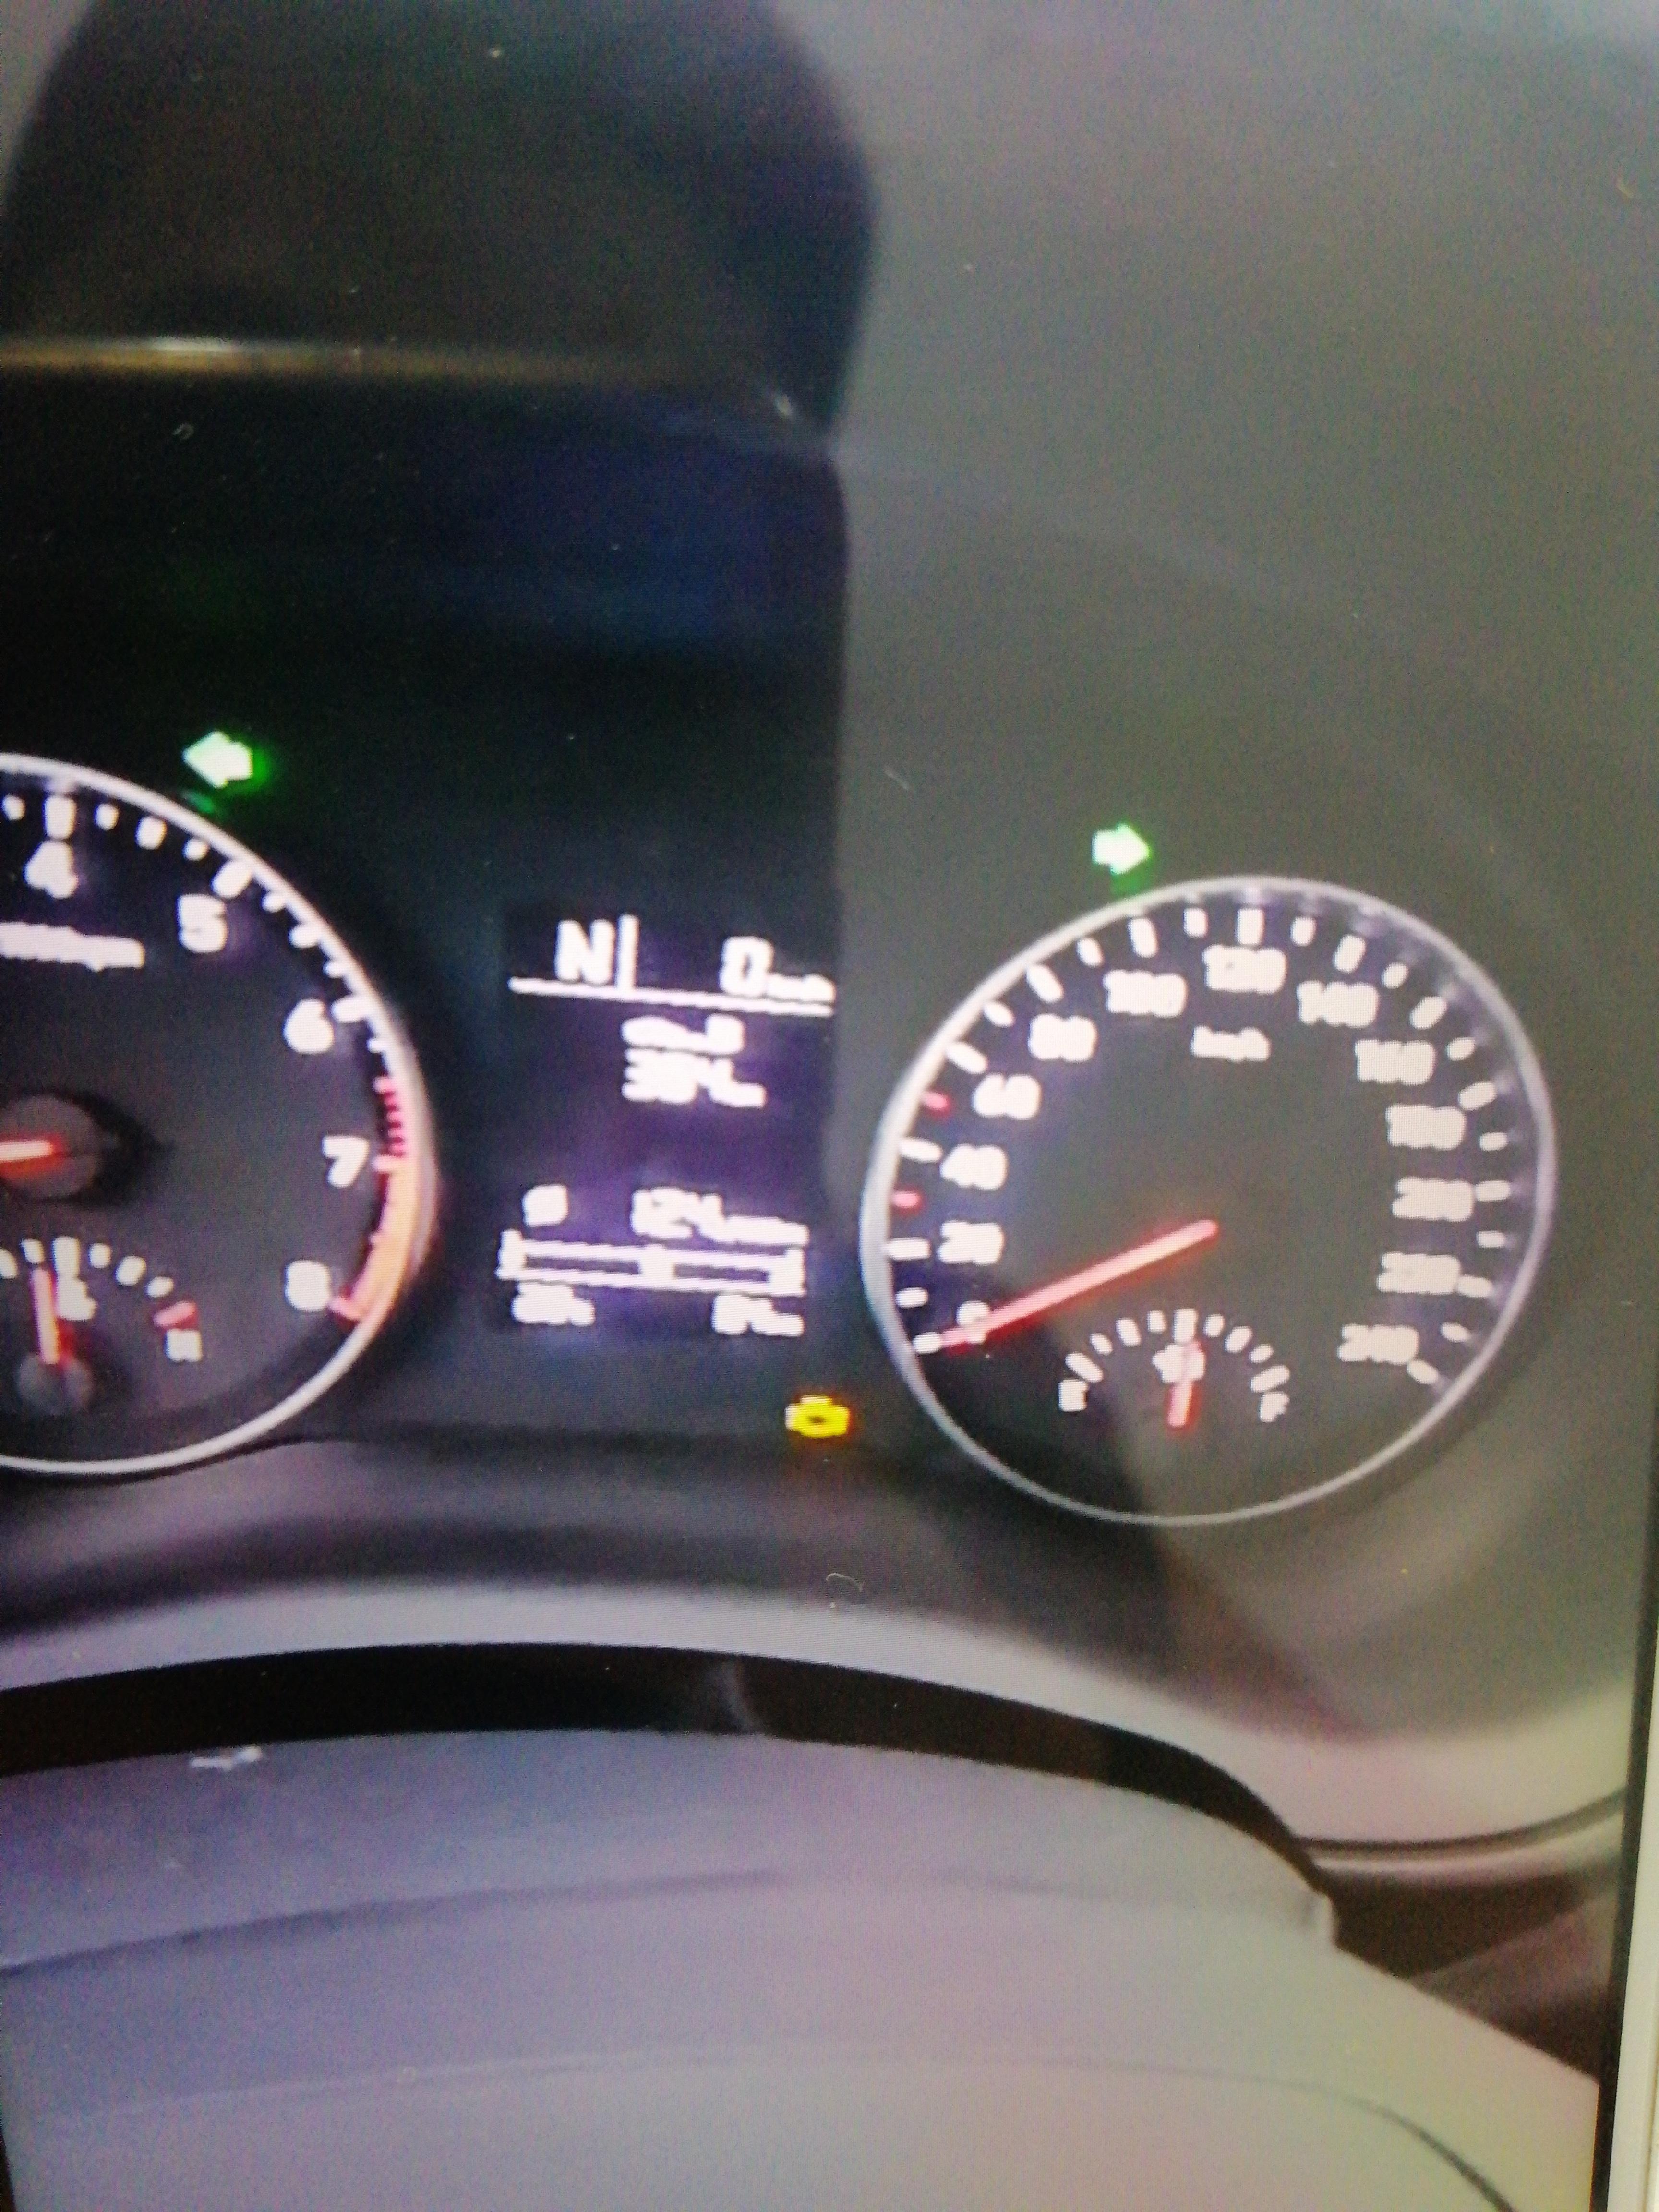 北京现代-悦动 新车在行驶中从60码直接掉速到30码